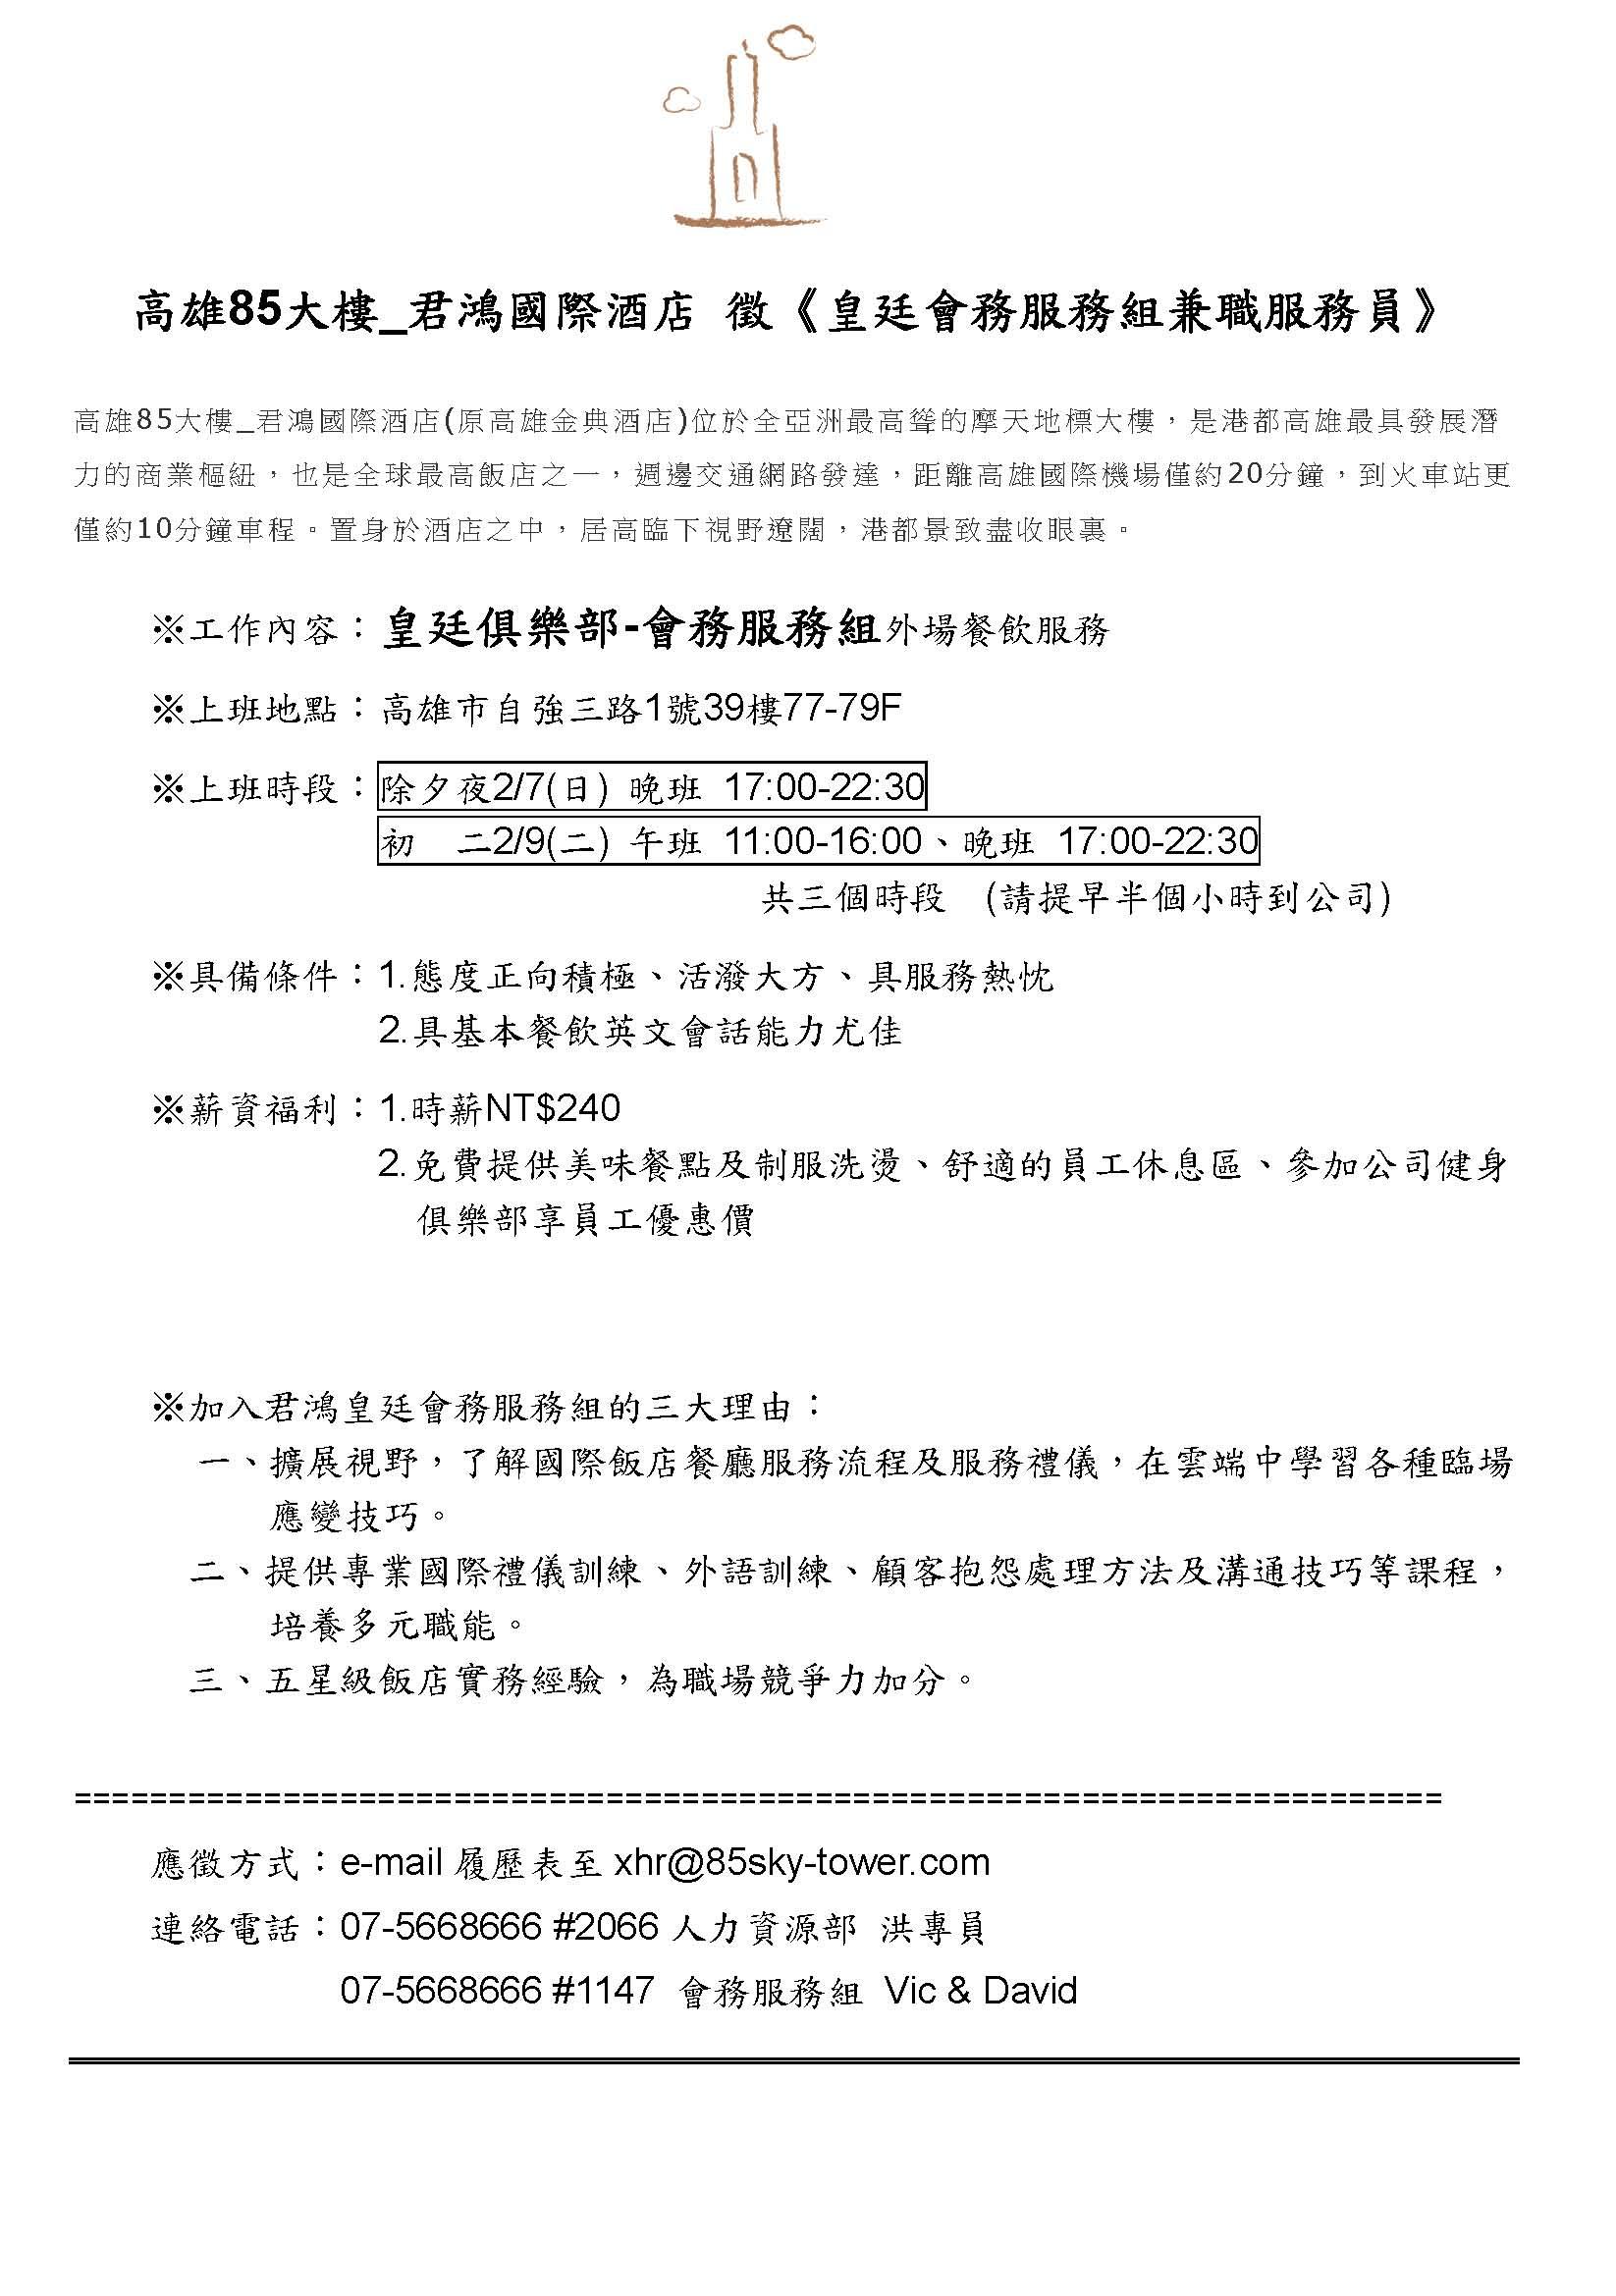 85大樓_君鴻國際酒店徵才_皇廷會務服務組臨時人員(除夕場)_頁面_1